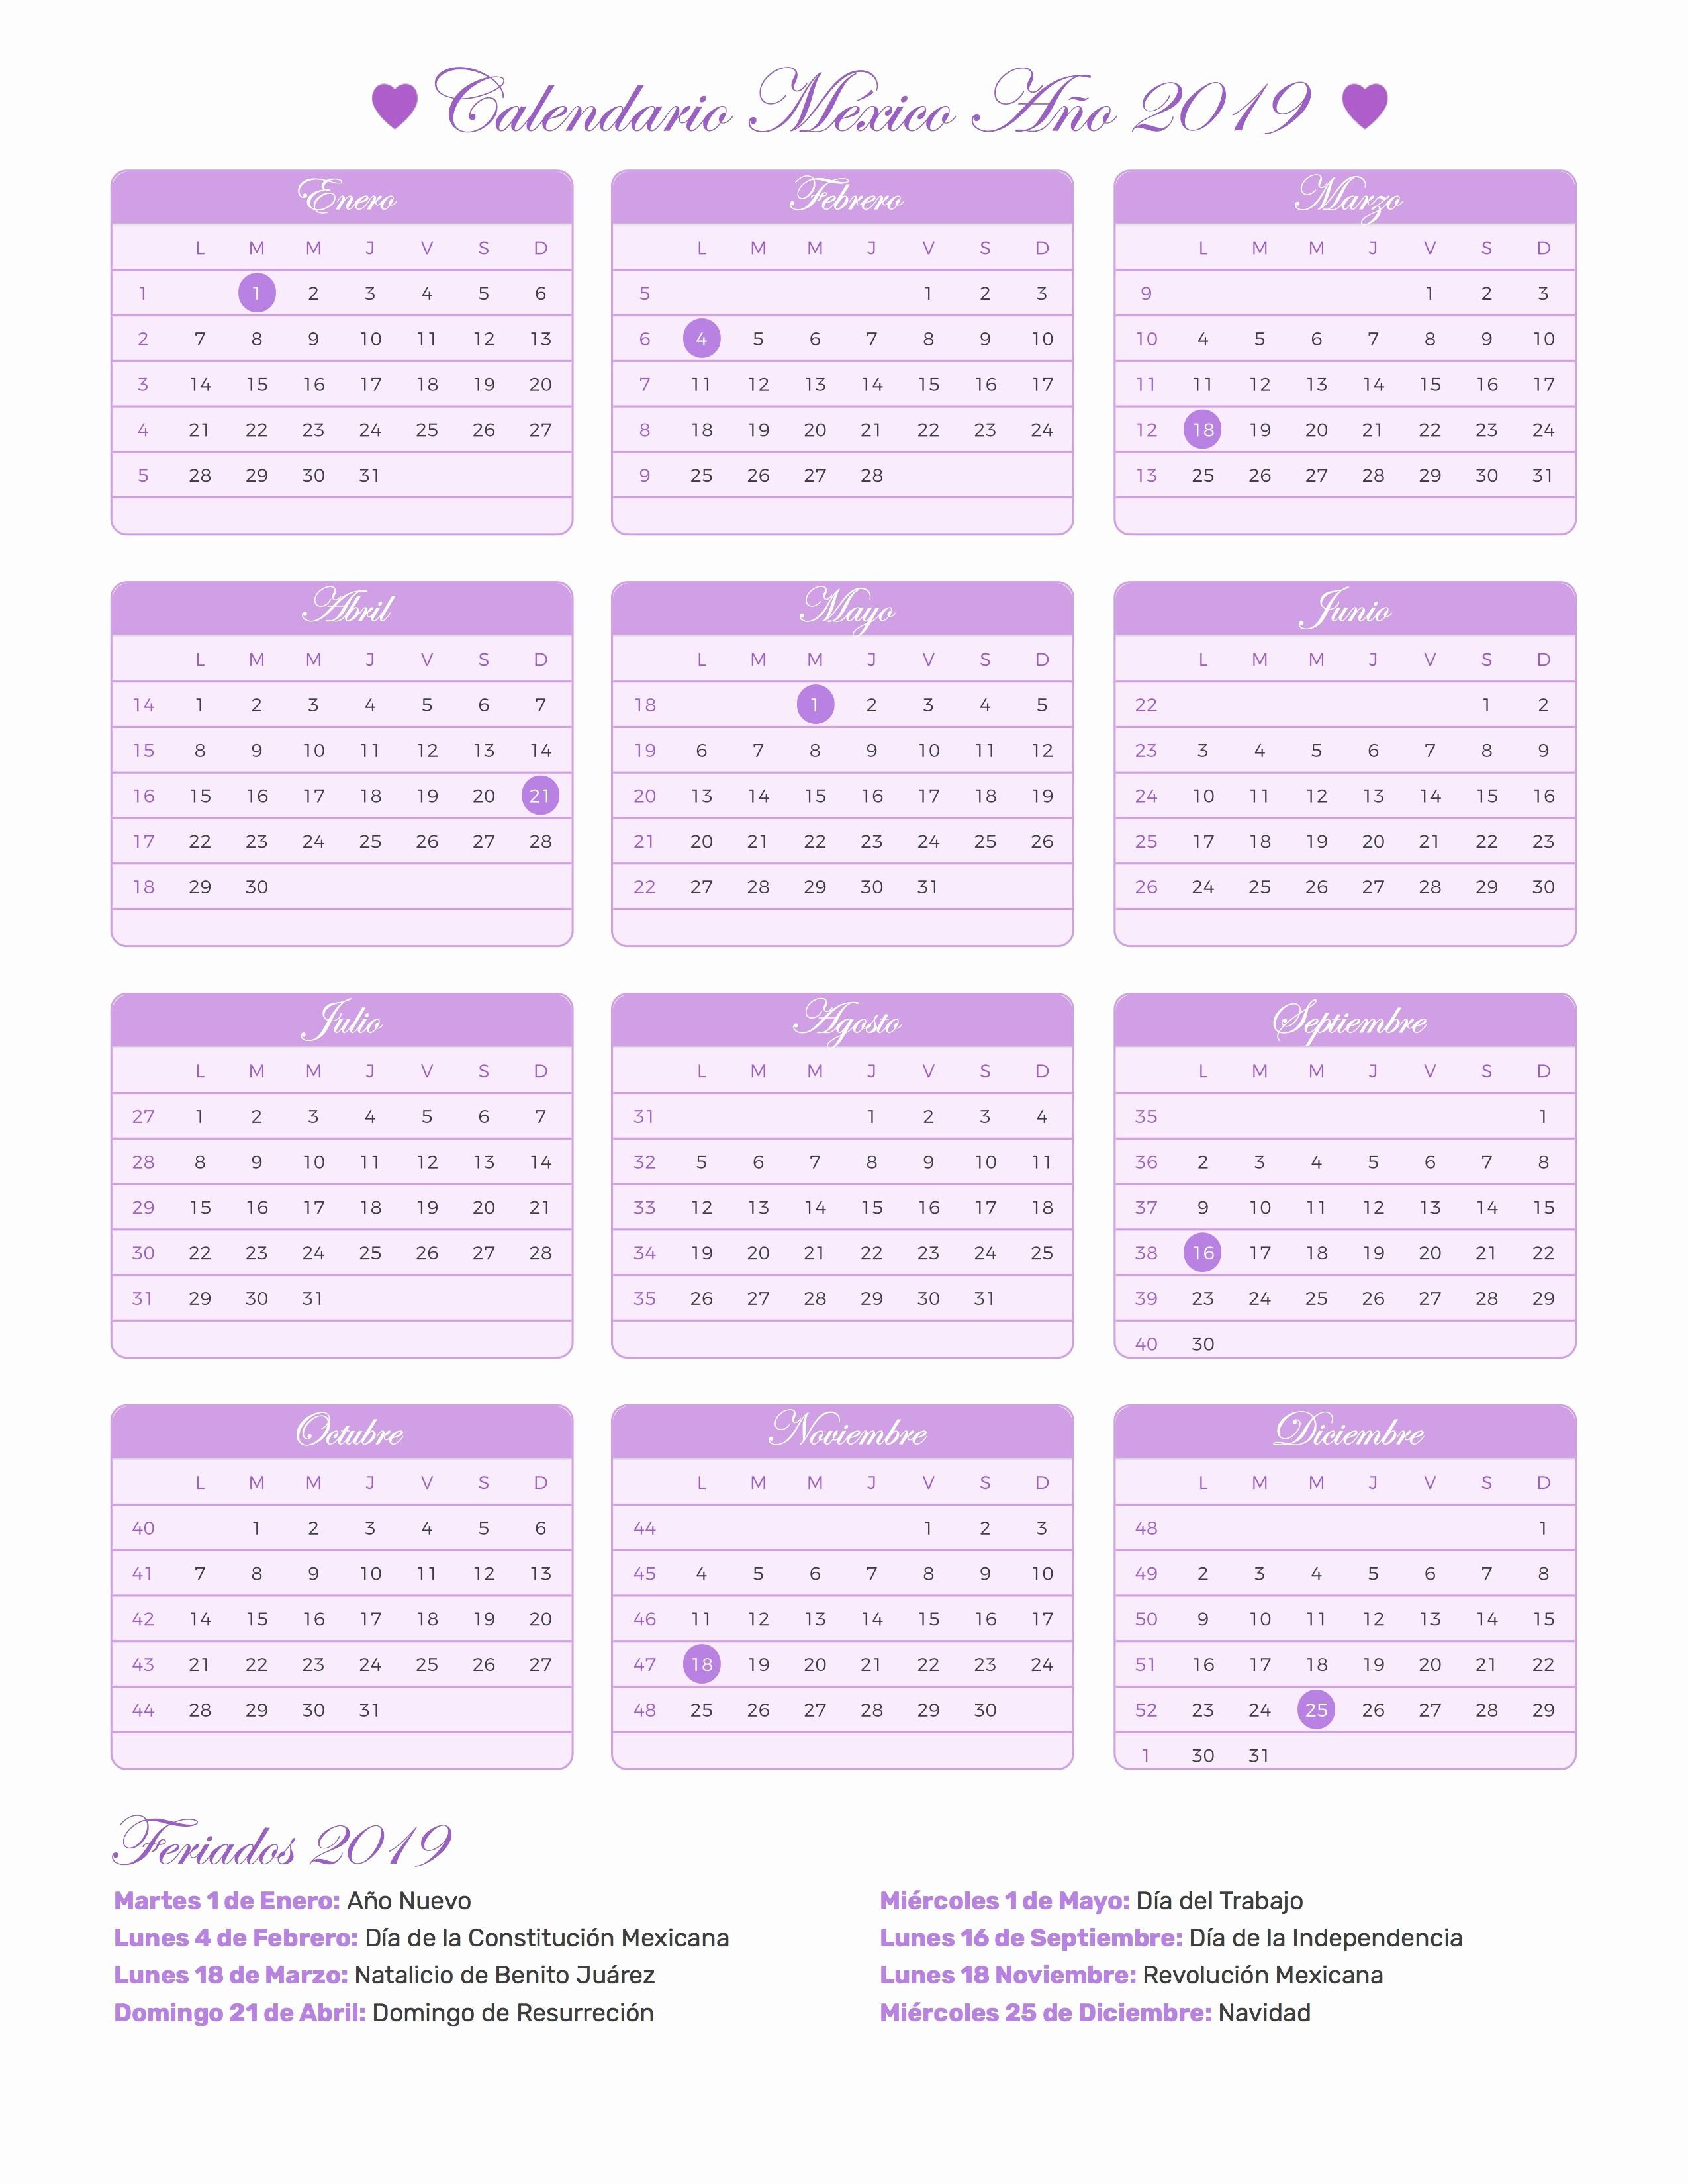 Calendario Letivo 2019 Brasil Recientes Calendario Dr 2019 Calendario Mexico Ano 2019 Feriados Of Calendario Letivo 2019 Brasil Más Reciente Planner 2019 Panda Menino Calendario 2019 E 2020